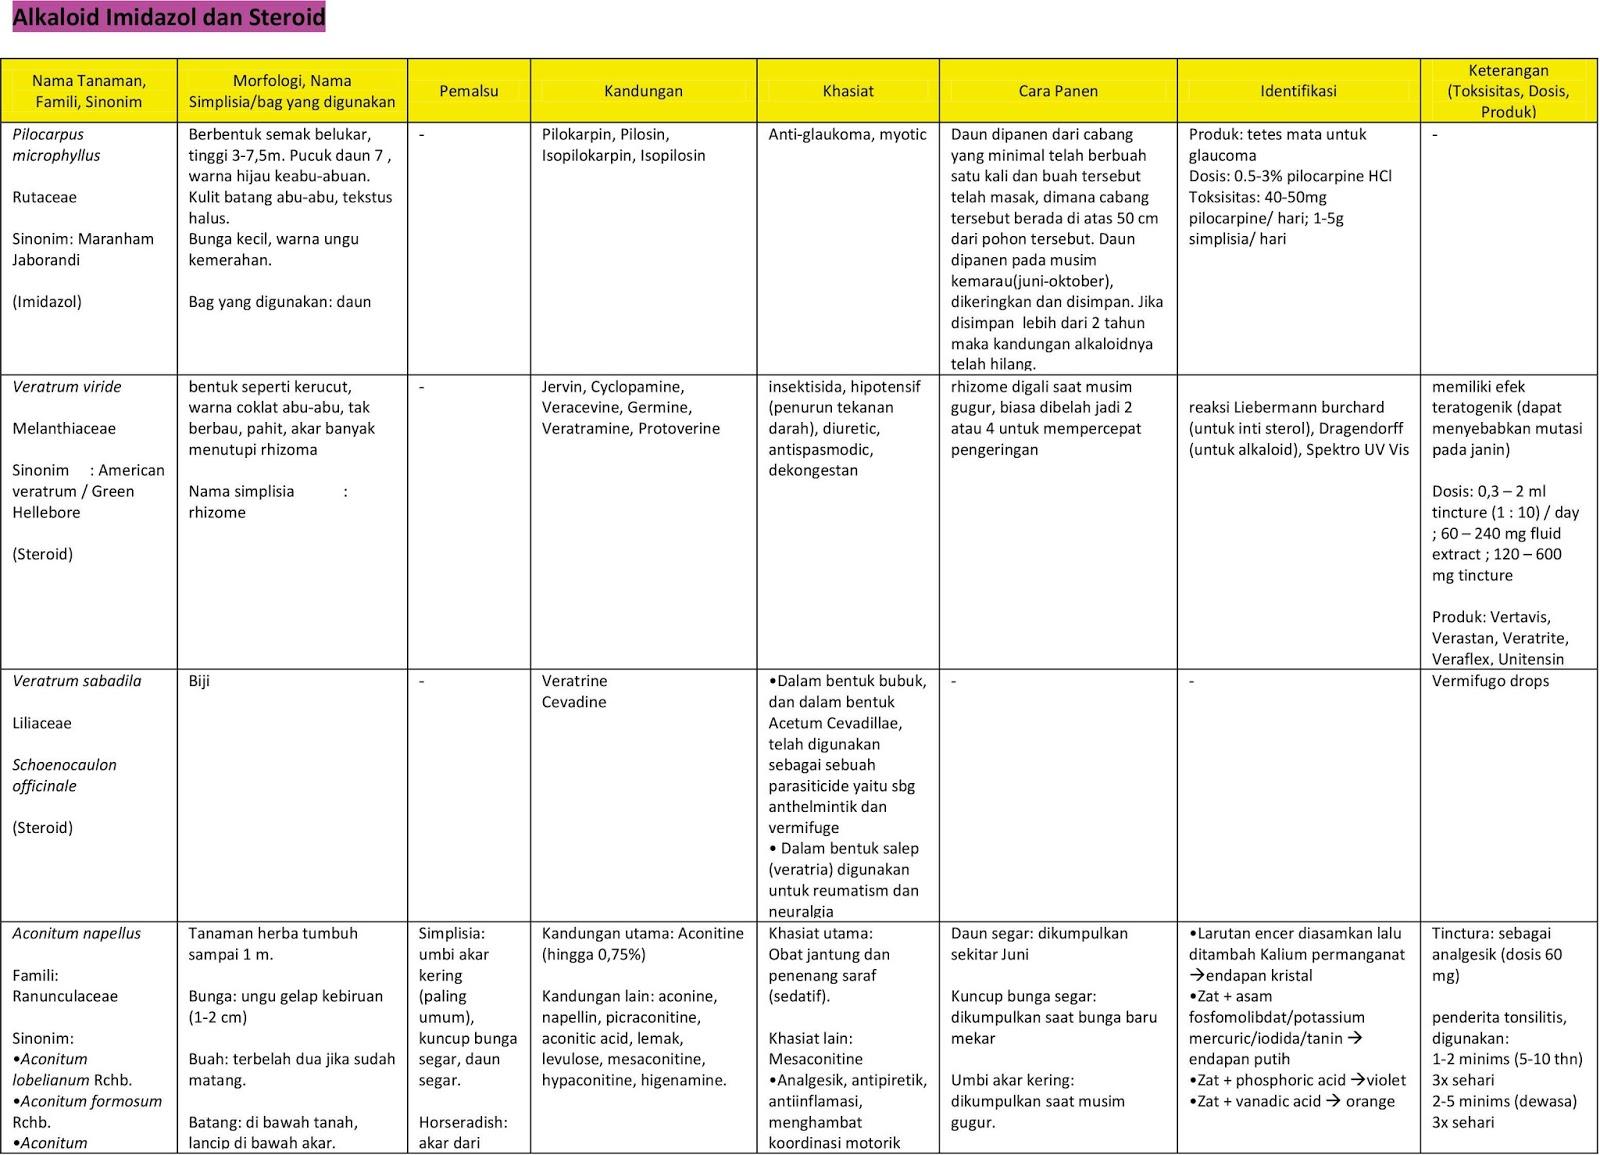 contoh senyawa steroid untuk pengobatan